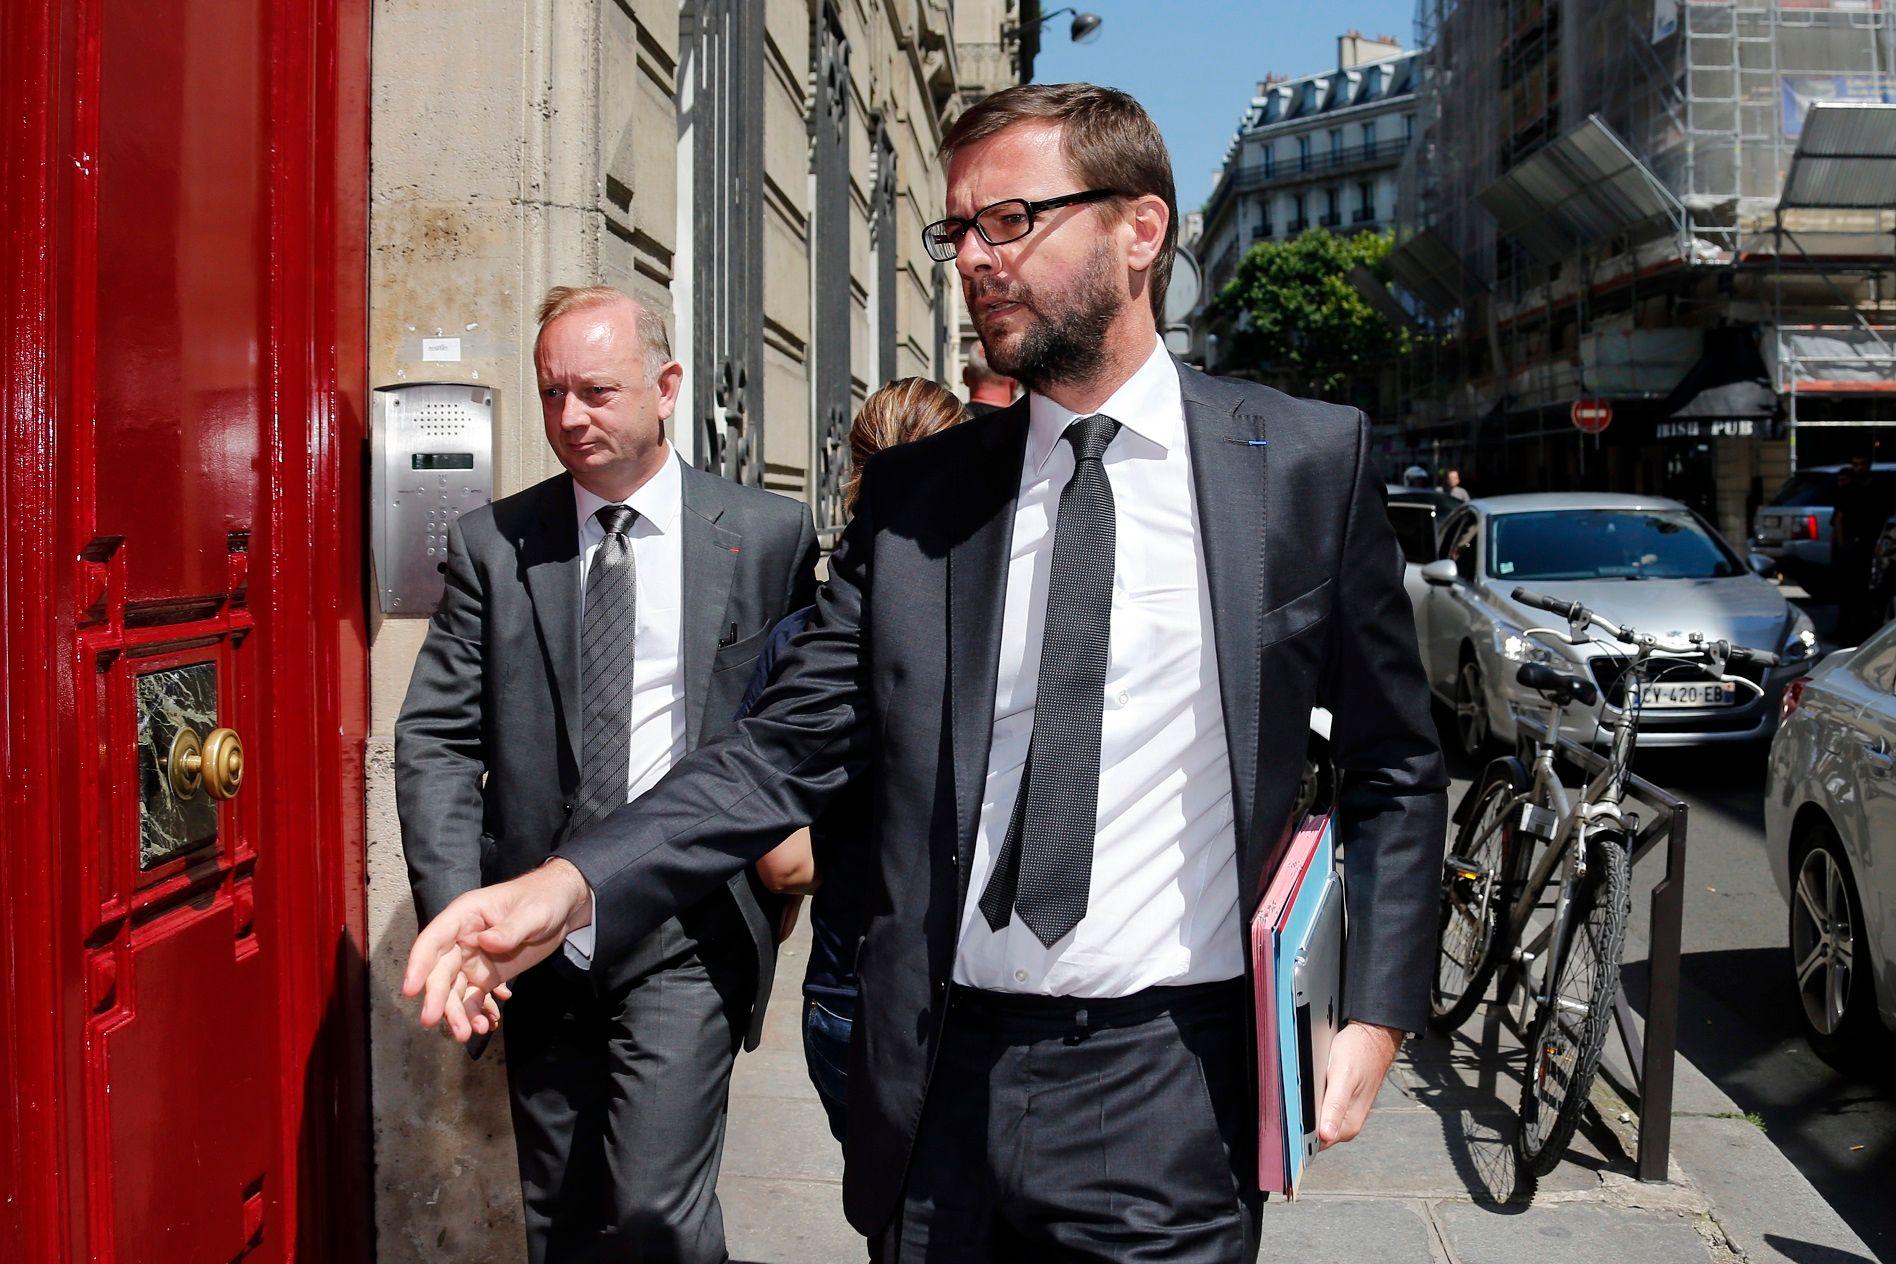 """Affaire Bygmalion : Lavrilleux estime que """"personne n'a eu le courage de dire stop à Sarkozy."""""""